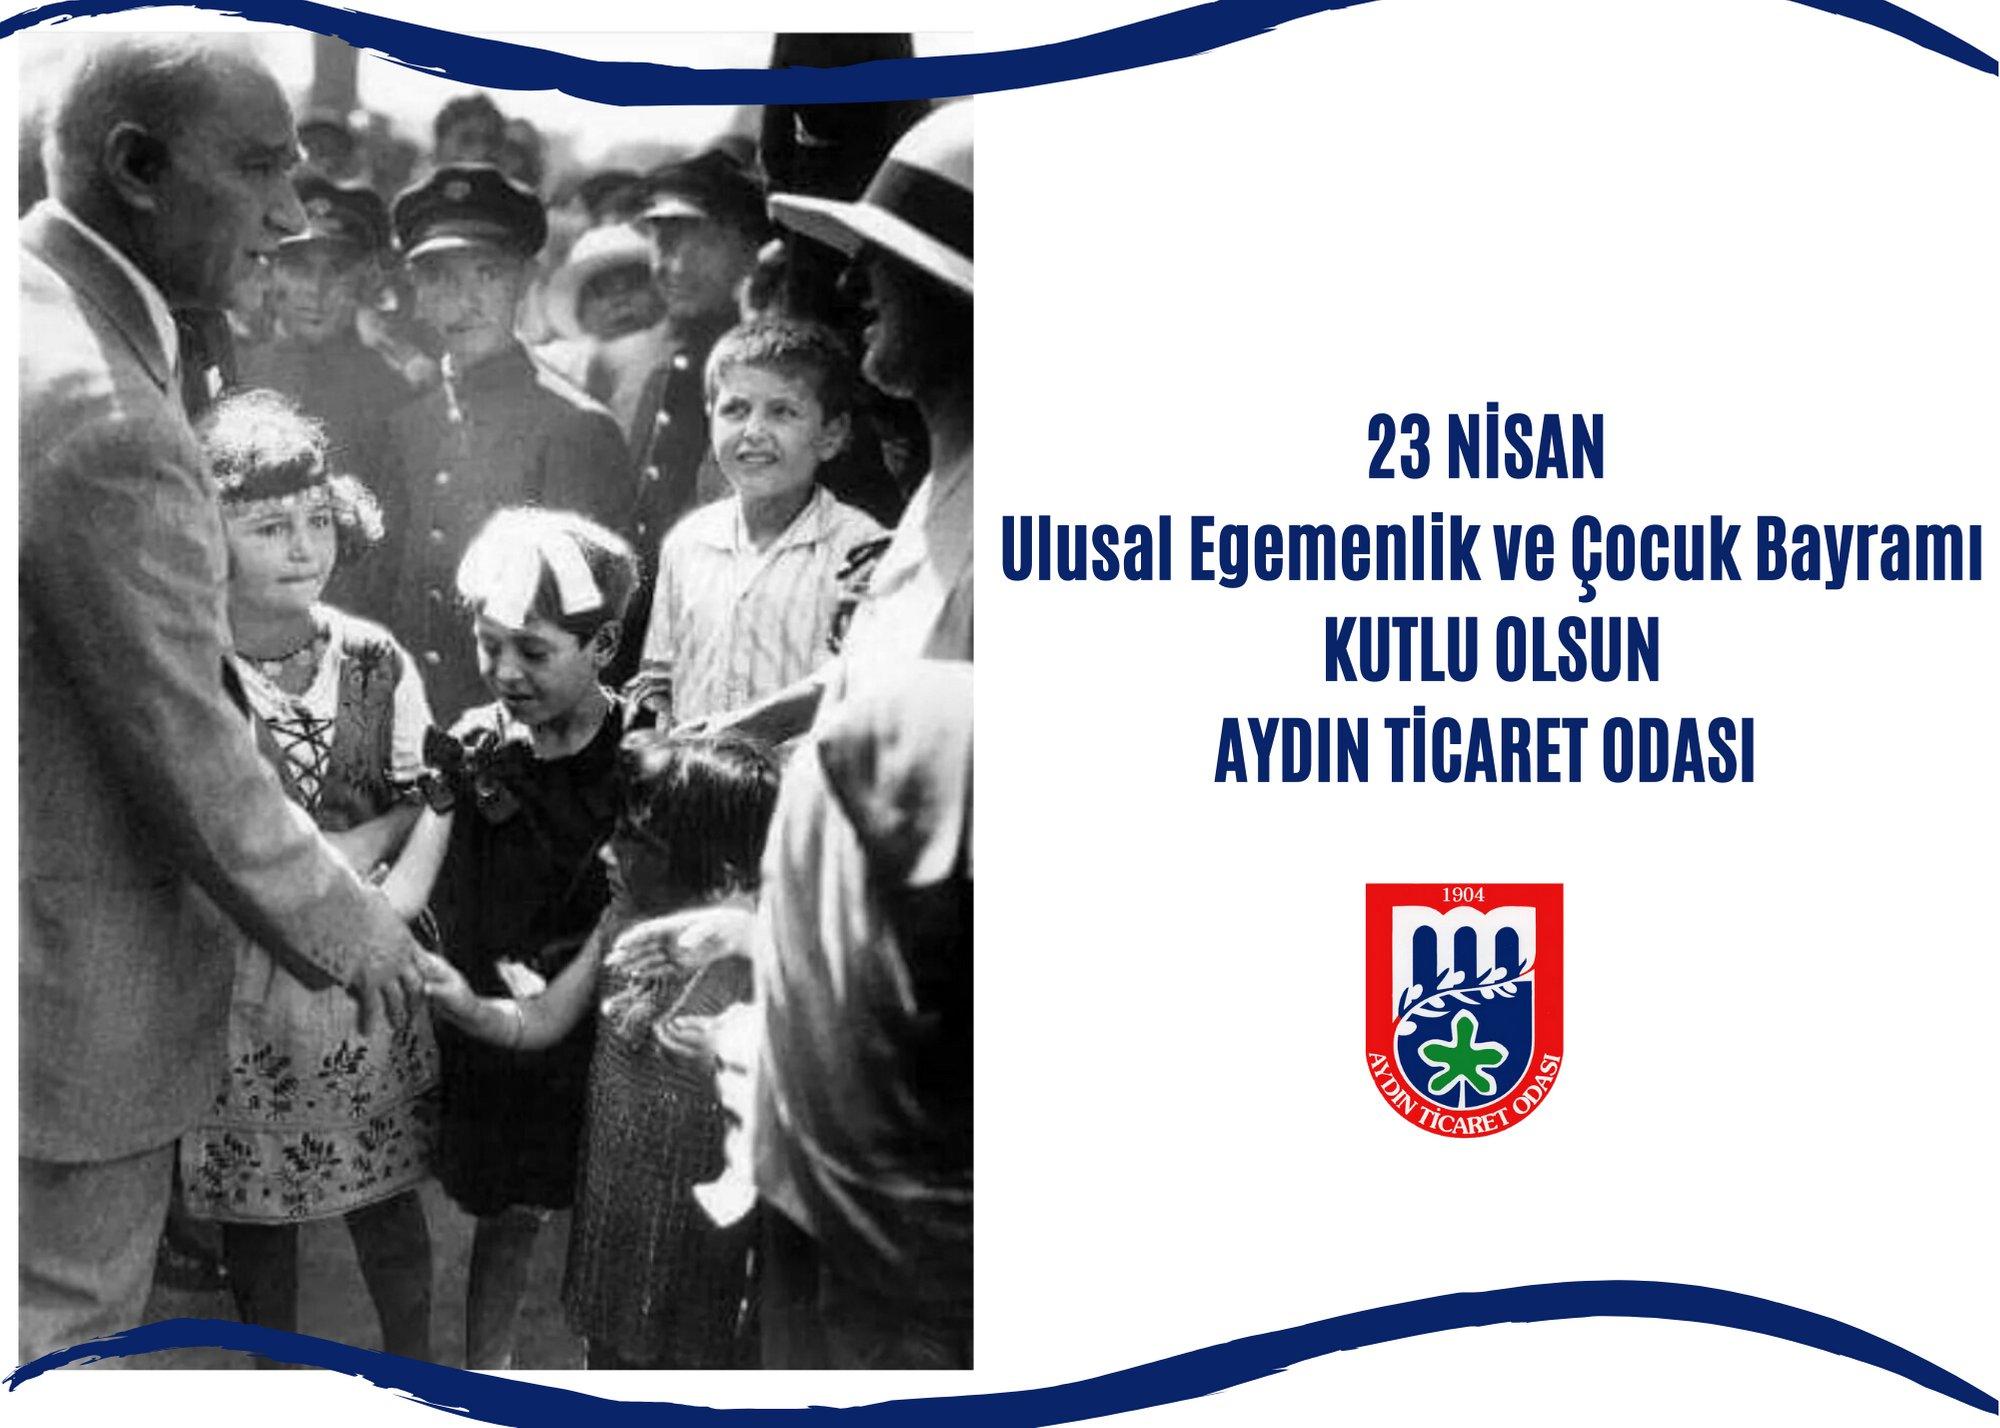 Türkiye Büyük Millet Meclisi'nin açılışının 101. yılı ve 23 Nisan Ulusal Egemenlik ve Çocuk Bayramı kutlu olsun